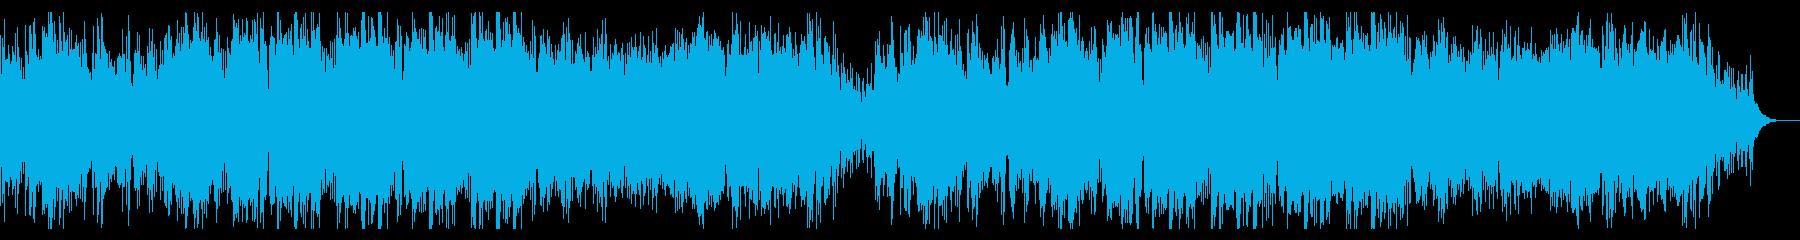 ハイテンポでダークなハロウィン曲の再生済みの波形